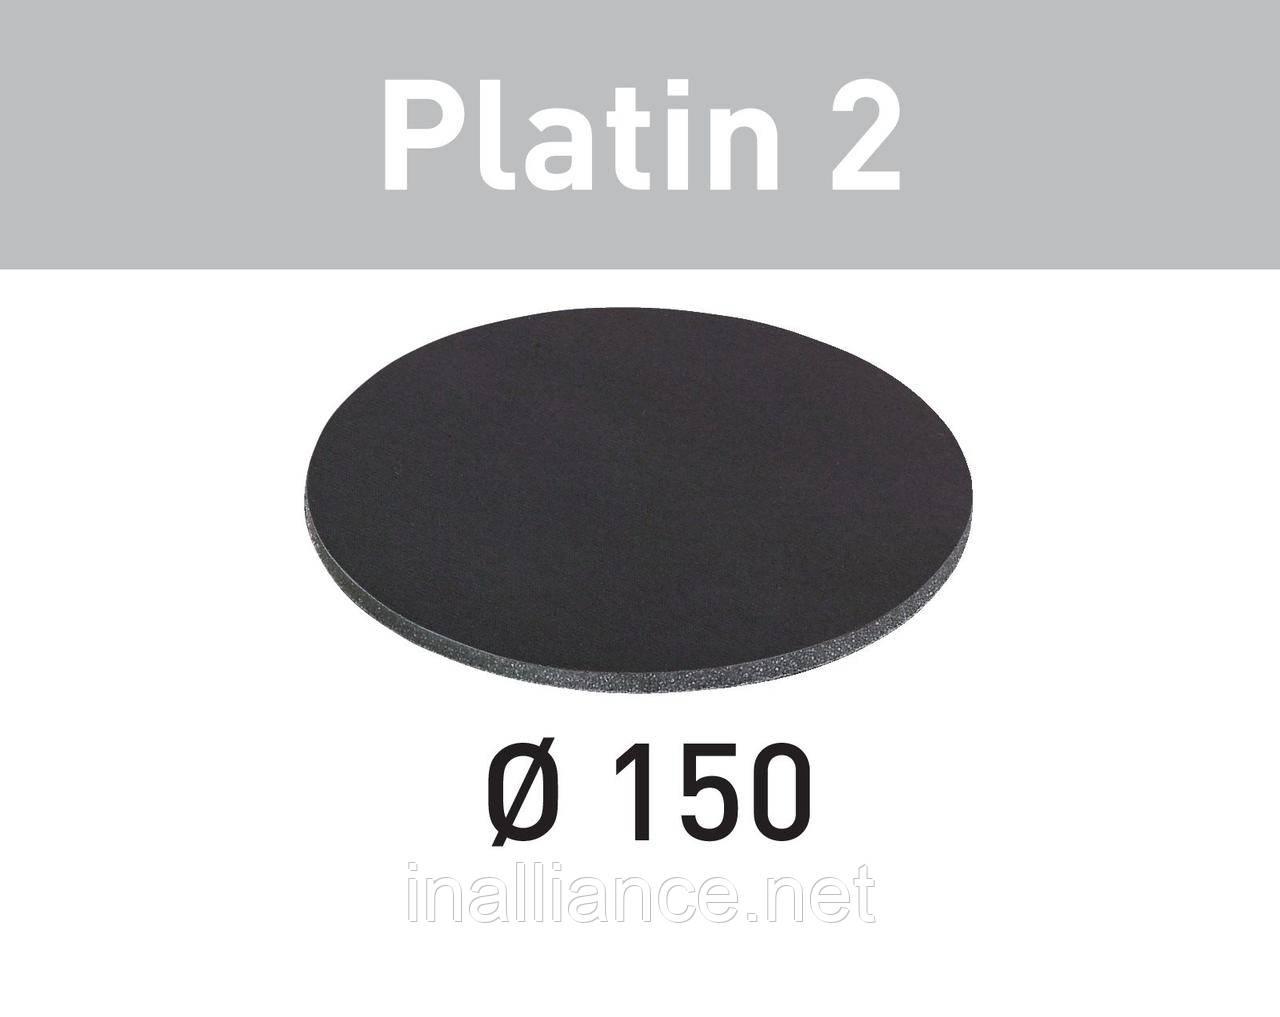 Шлифовальные круги Platin 2 STF D150/0 S4000 PL2/1 Festool 492372 / 1